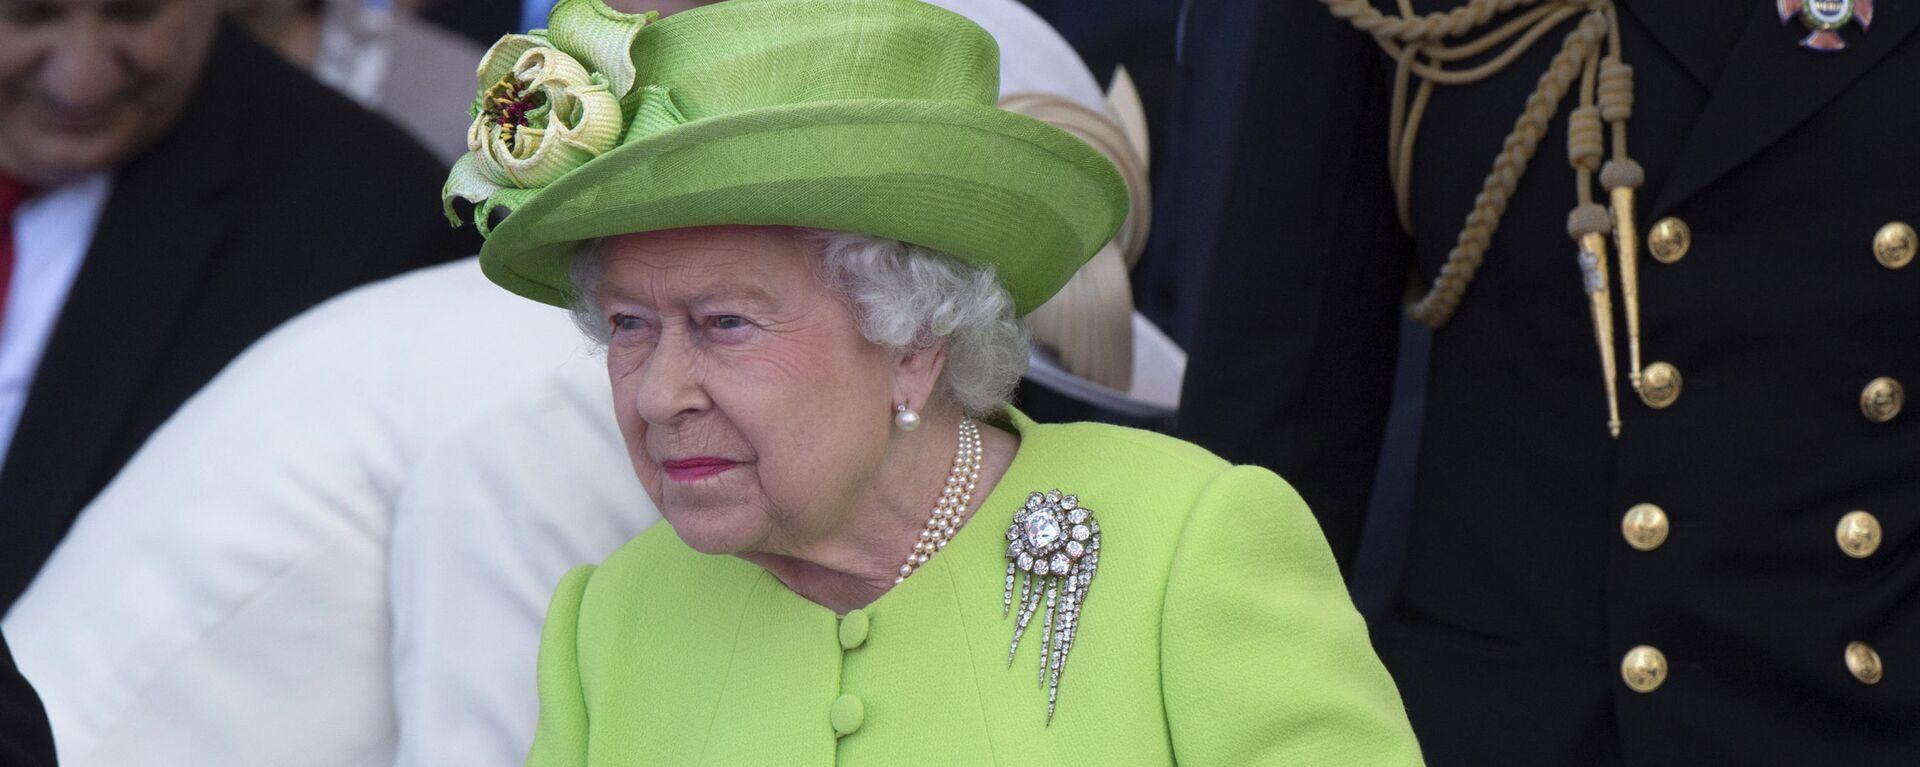 Královna Spojeného království Alžběta II - Sputnik Česká republika, 1920, 14.06.2021